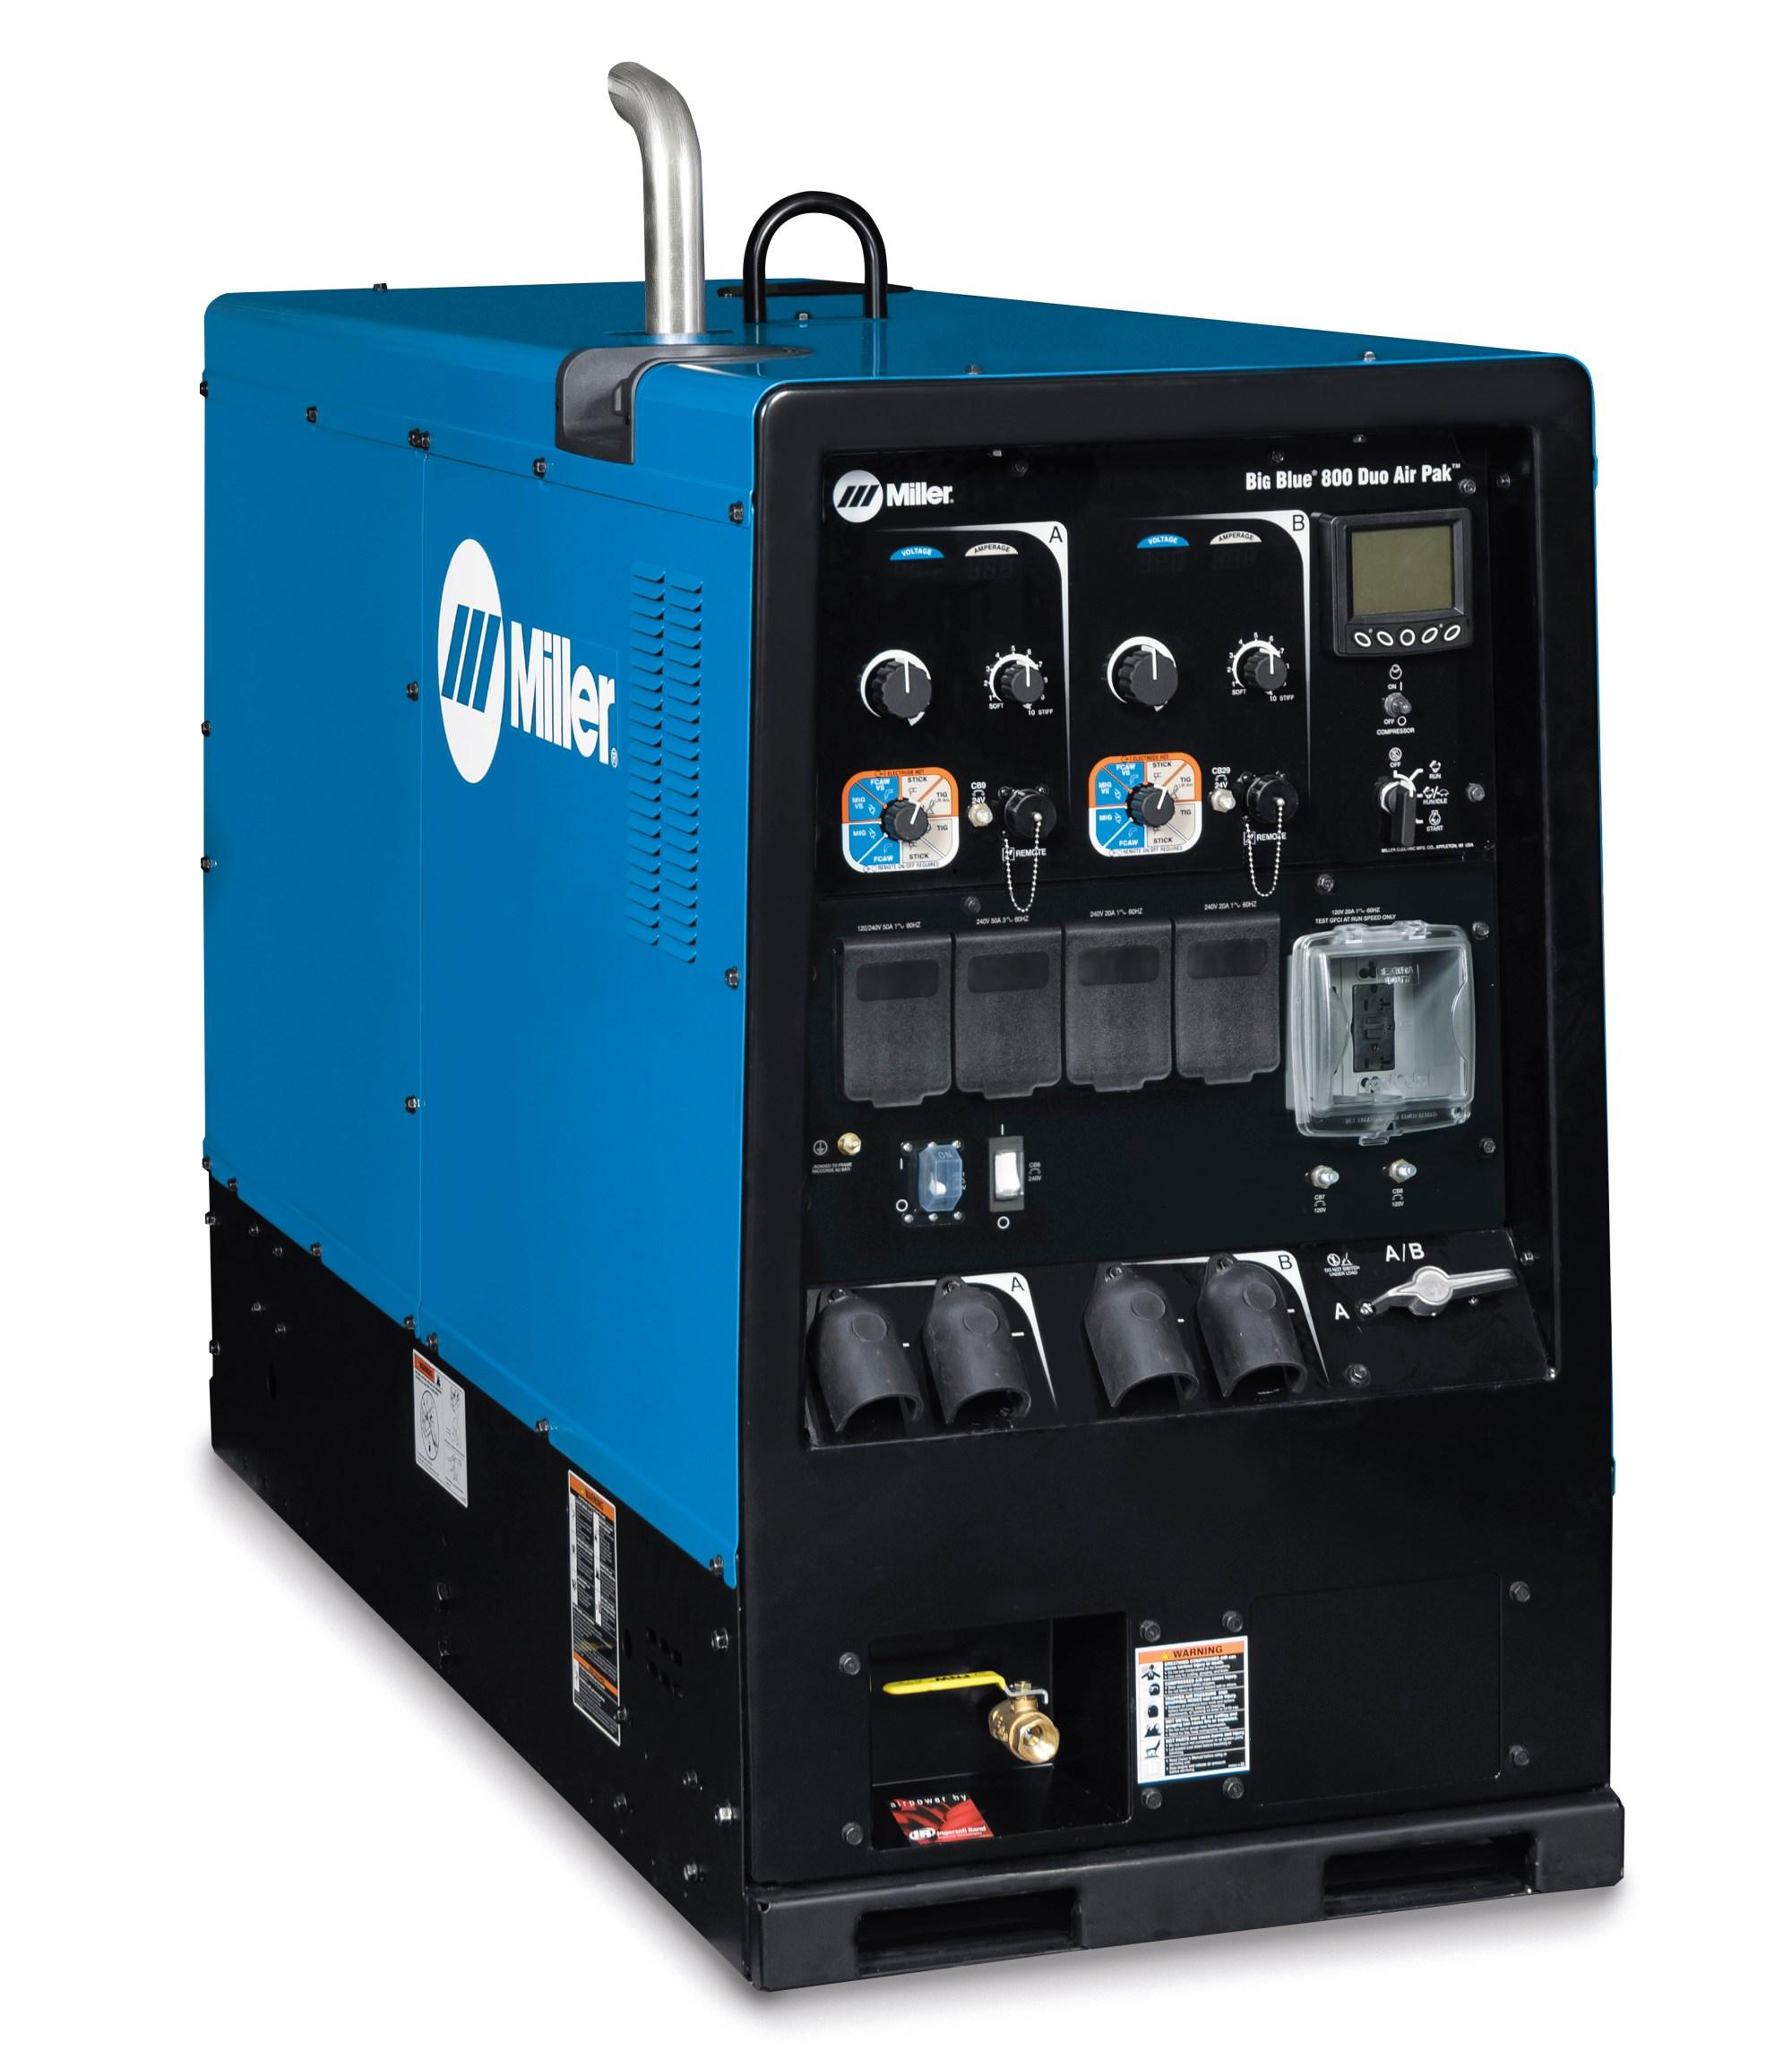 hight resolution of miller welder generators engine driven welders and machines millerwelds